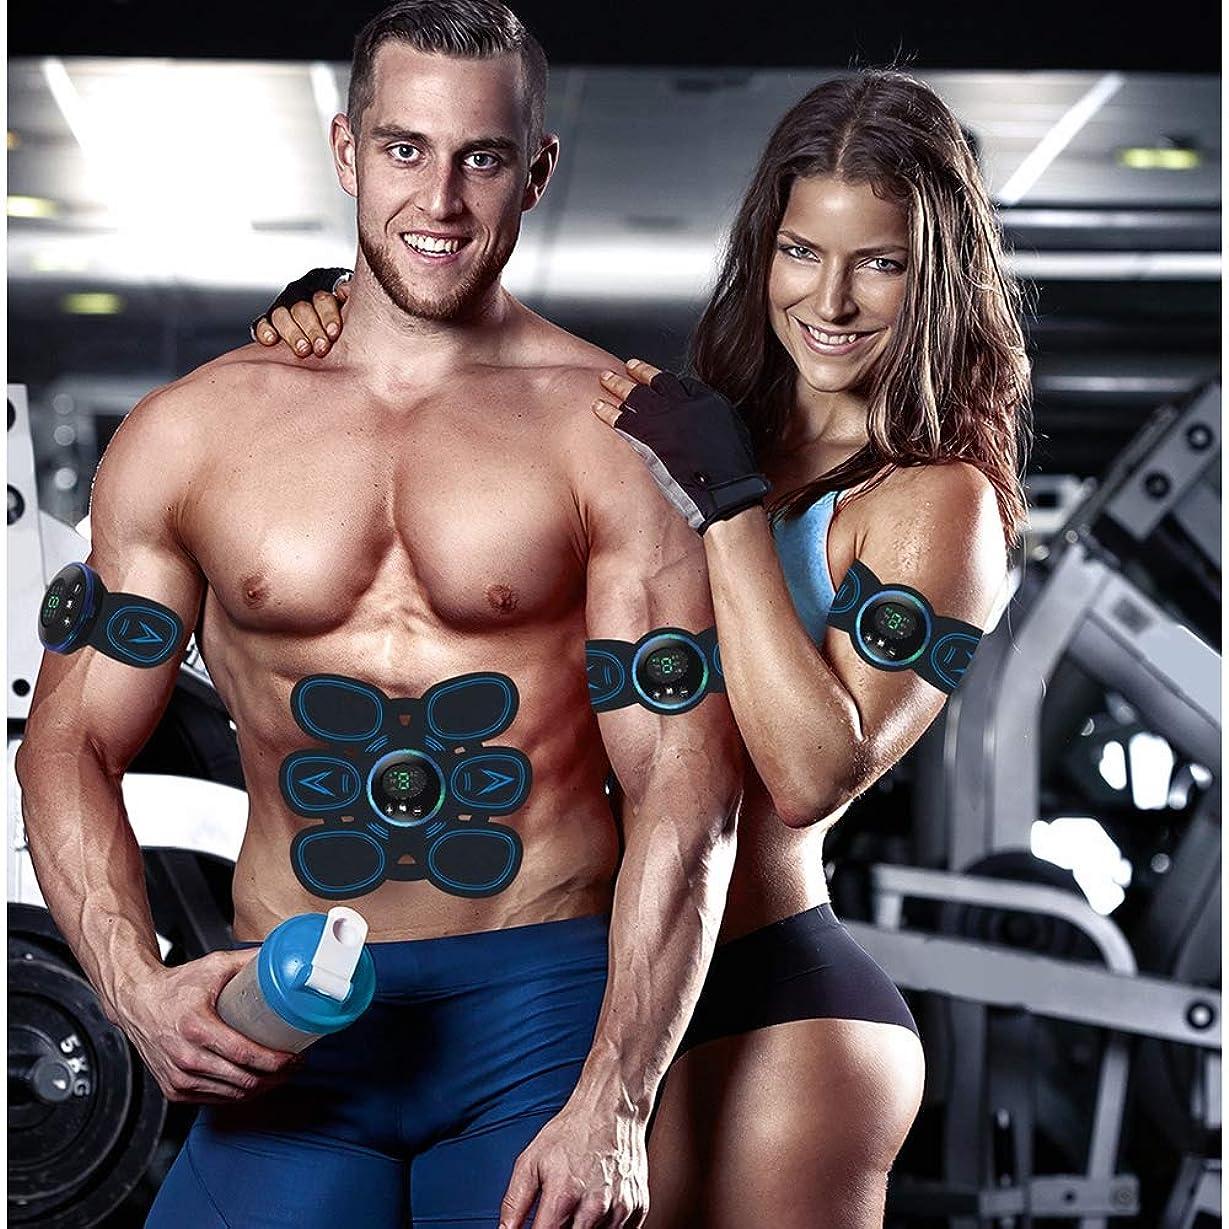 弁護評論家万一に備えて新しいスマート腹部デバイスEMS筋肉刺激装置USB充電式減量細い腰筋肉トレーニングウエスト整形ボディマッサージフィットネス機器